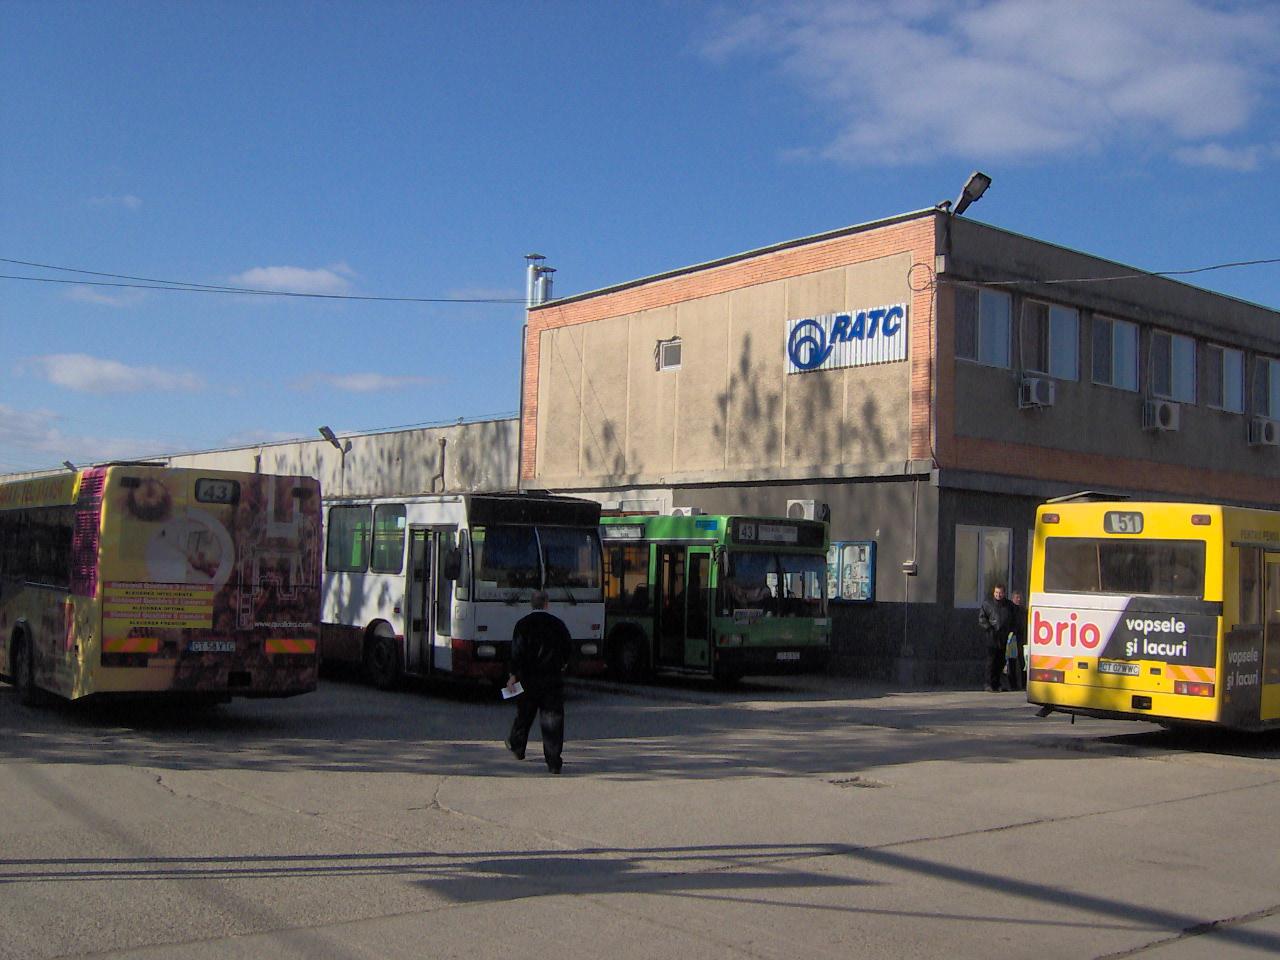 RATC va inființa noi linii de transport în comun la Năvodari şi Cumpăna